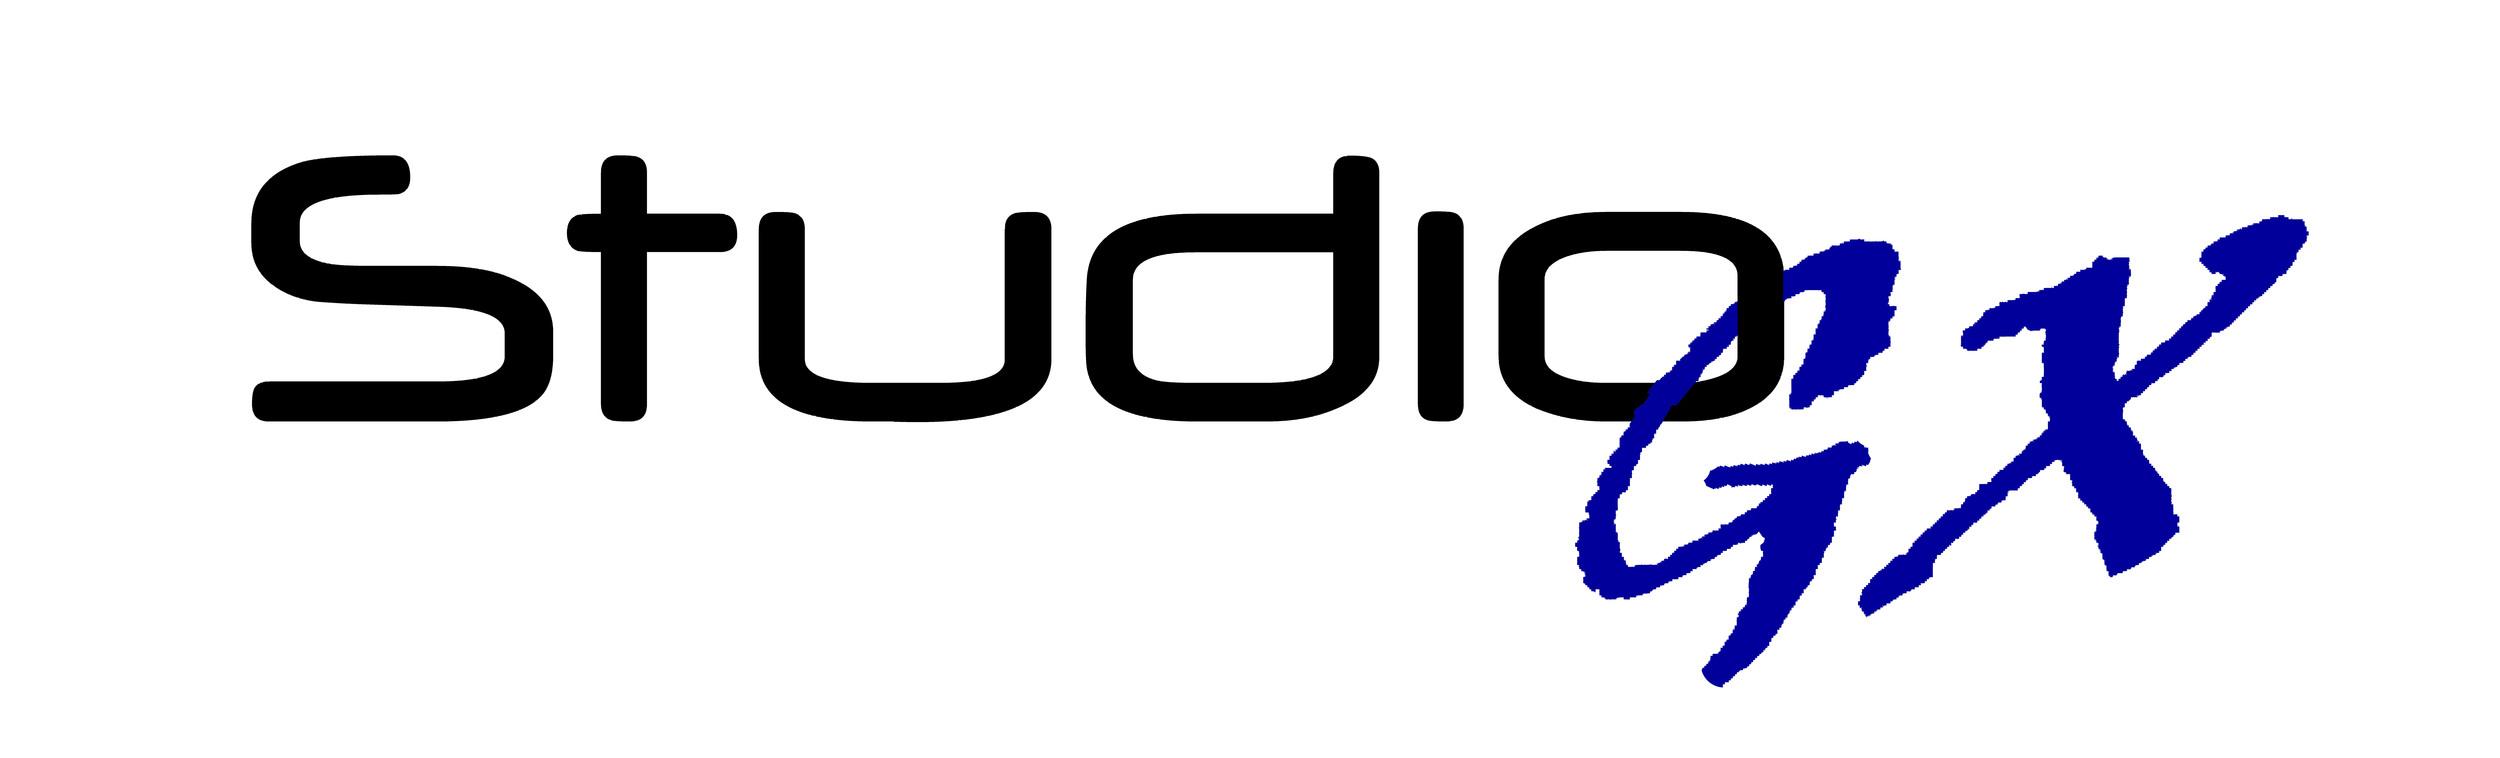 Studio GX Viner Hand ITC LG.jpg